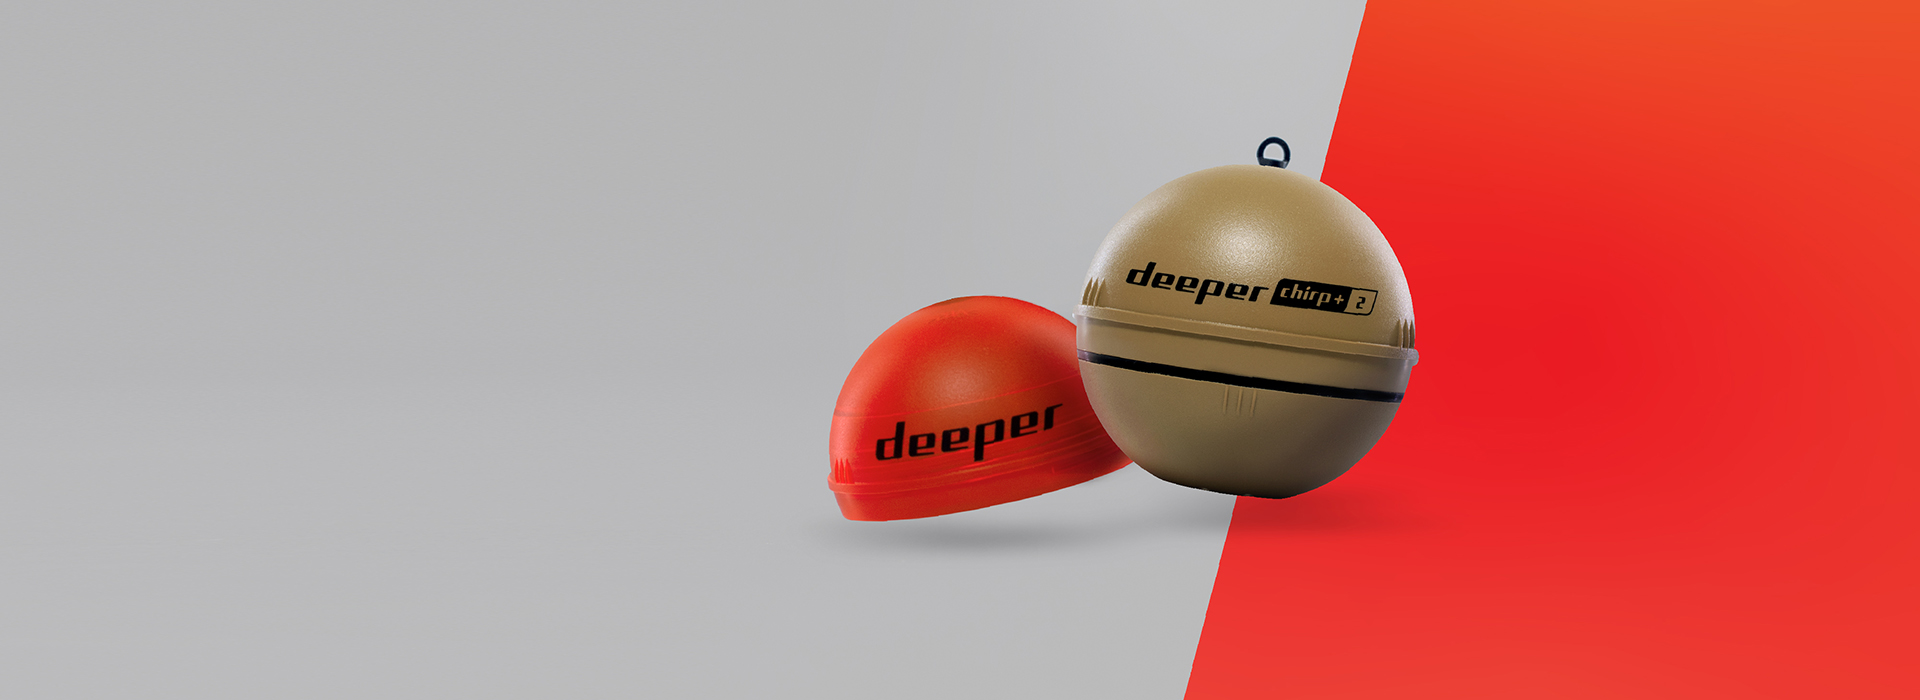 Descoperiți noulDeeper CHIRP+ 2! Cel mai puternic sonar pe care l-am produs vreodată. Până acum.